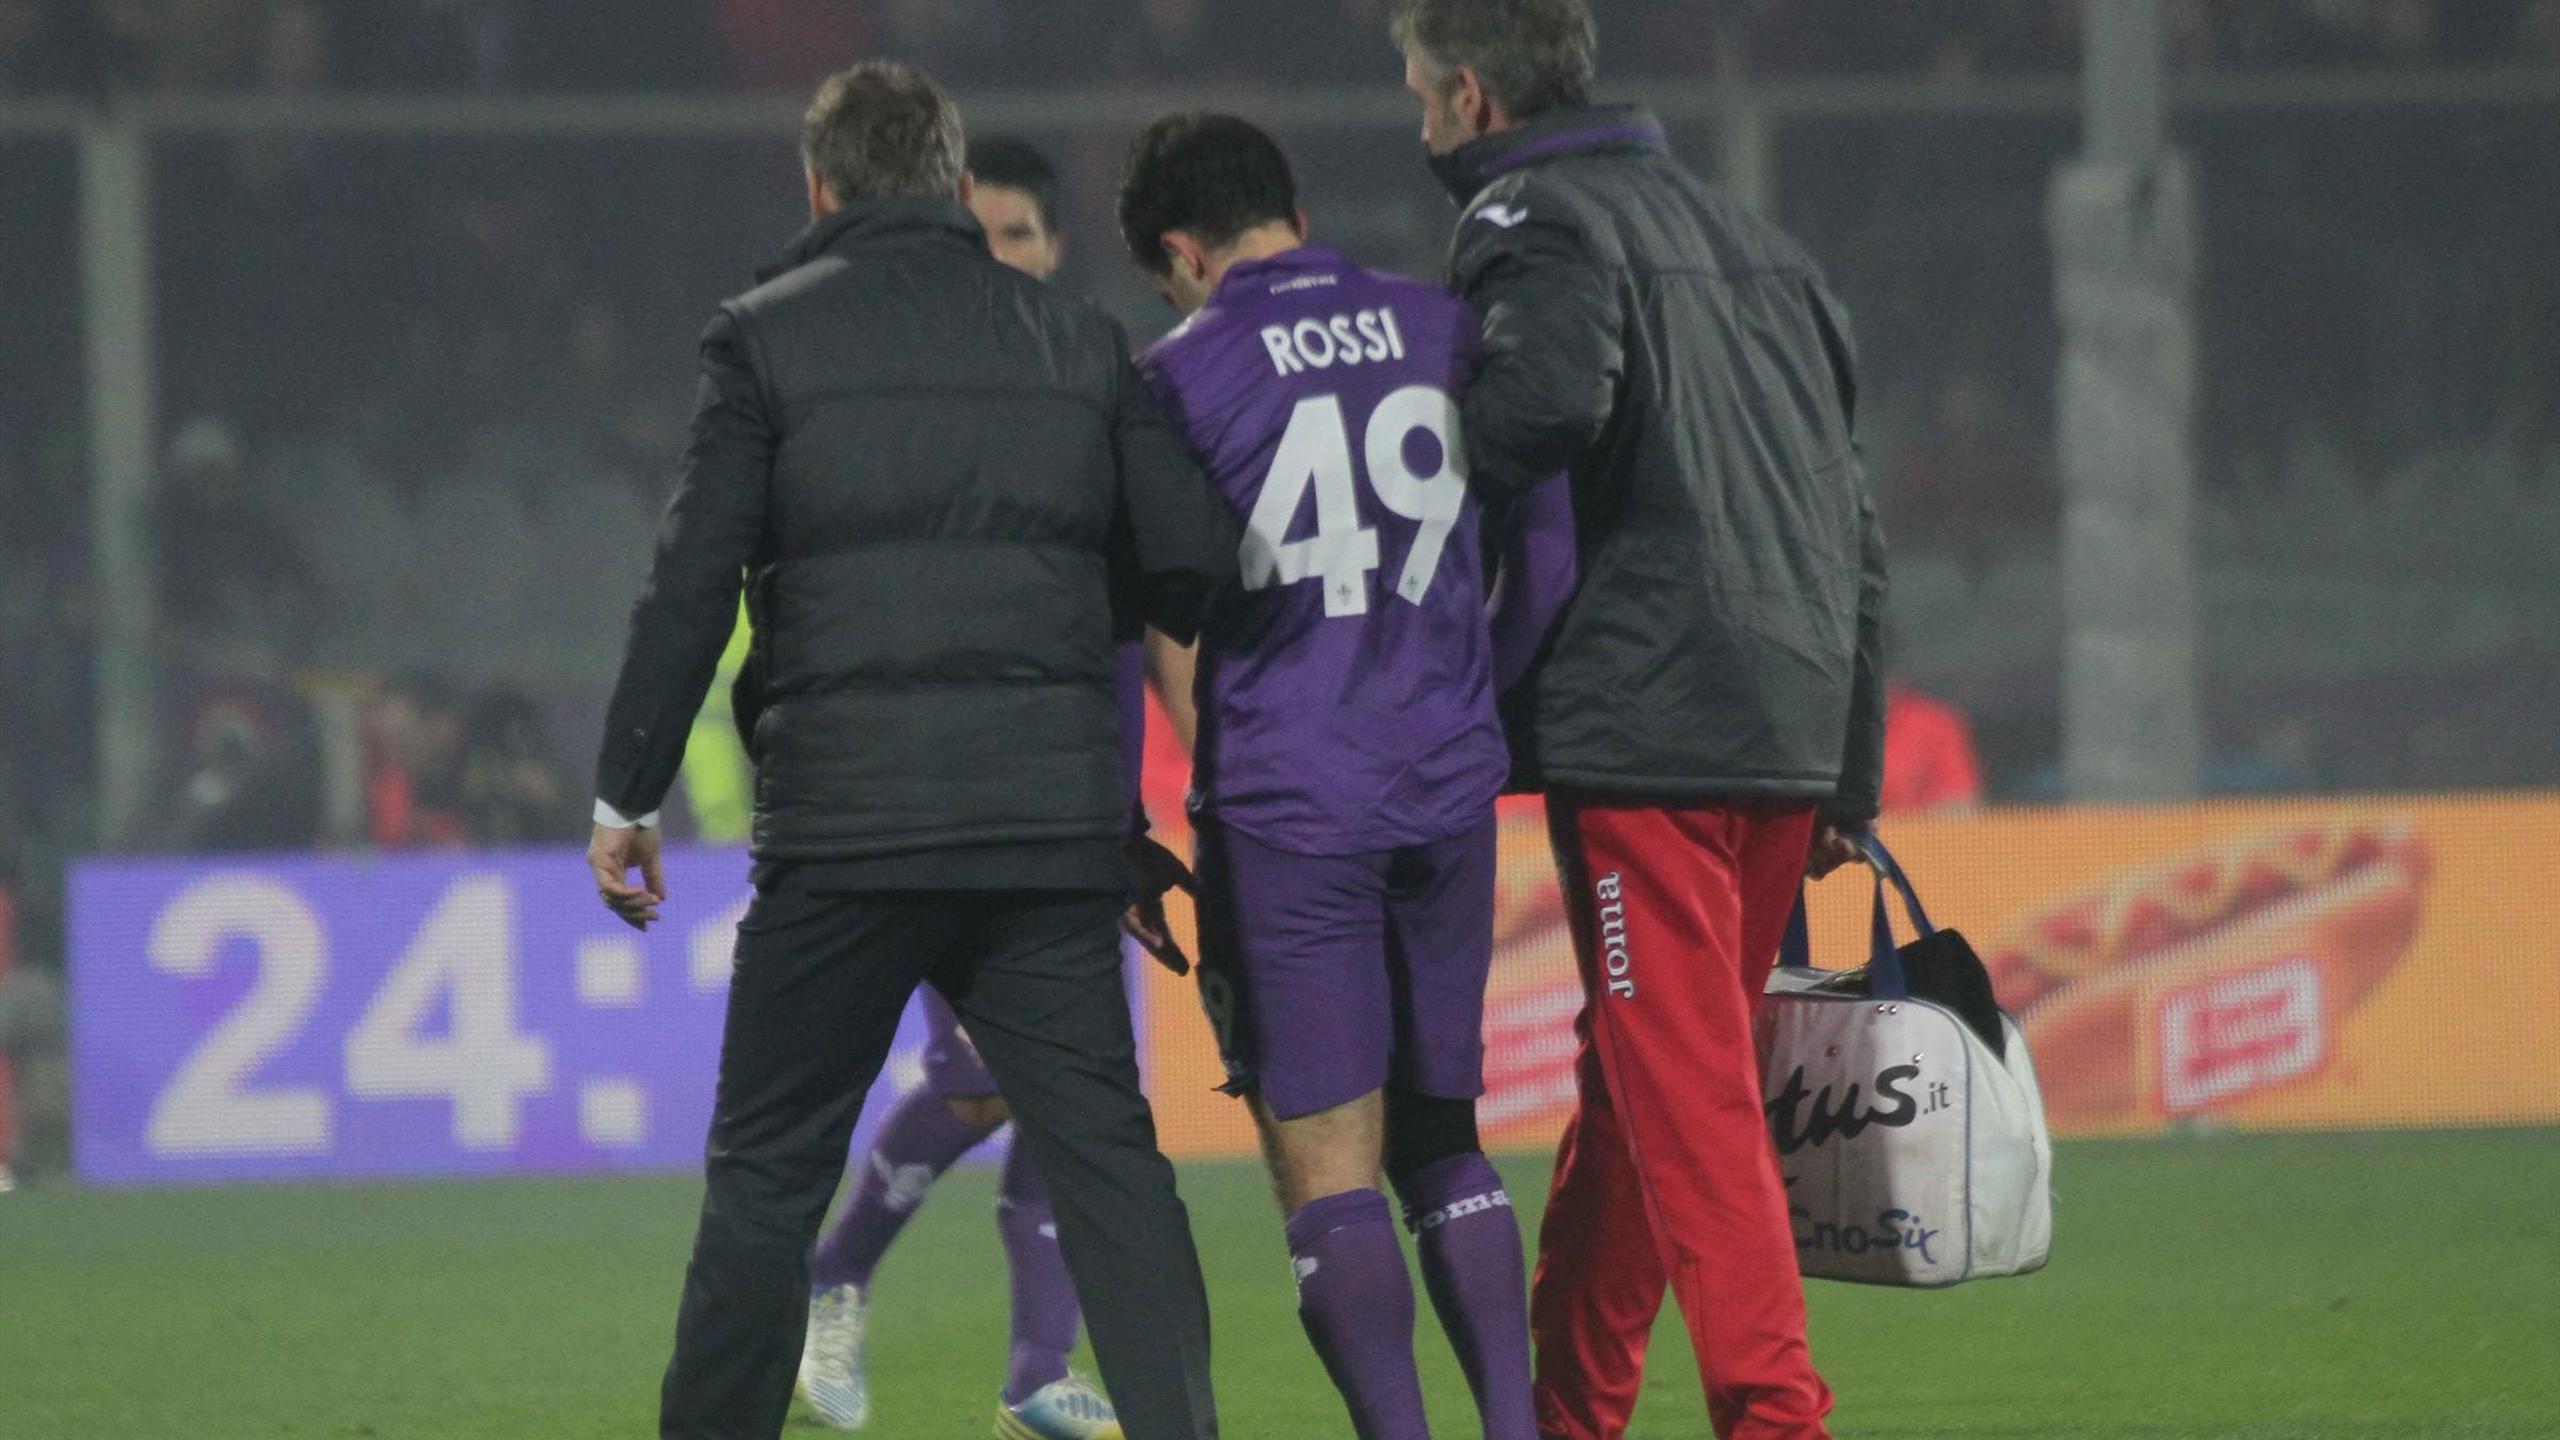 Serie A, Fiorentina: altra operazione per Giuseppe Rossi